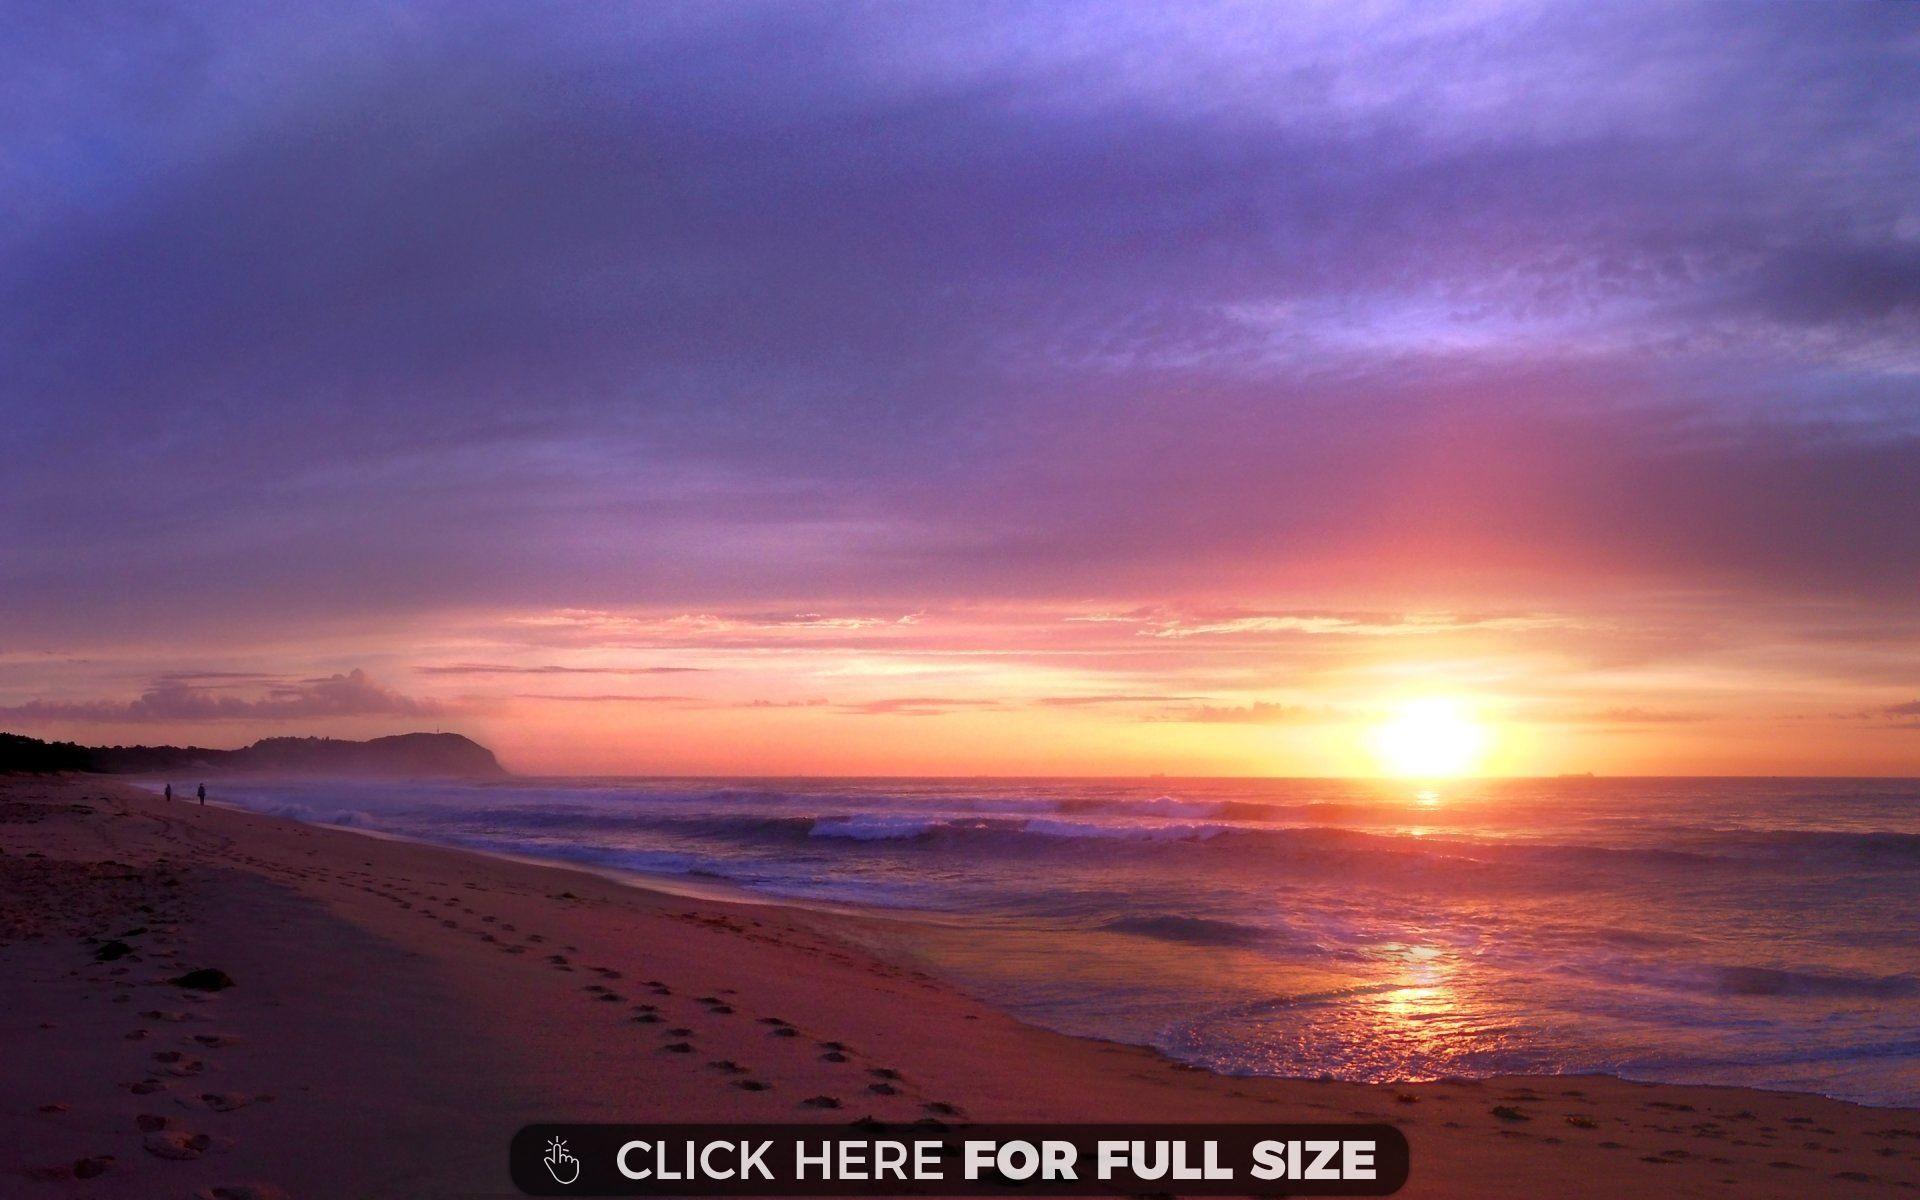 sunset beach purple desktop wallpapers beach sunset wallpaper rh pinterest com